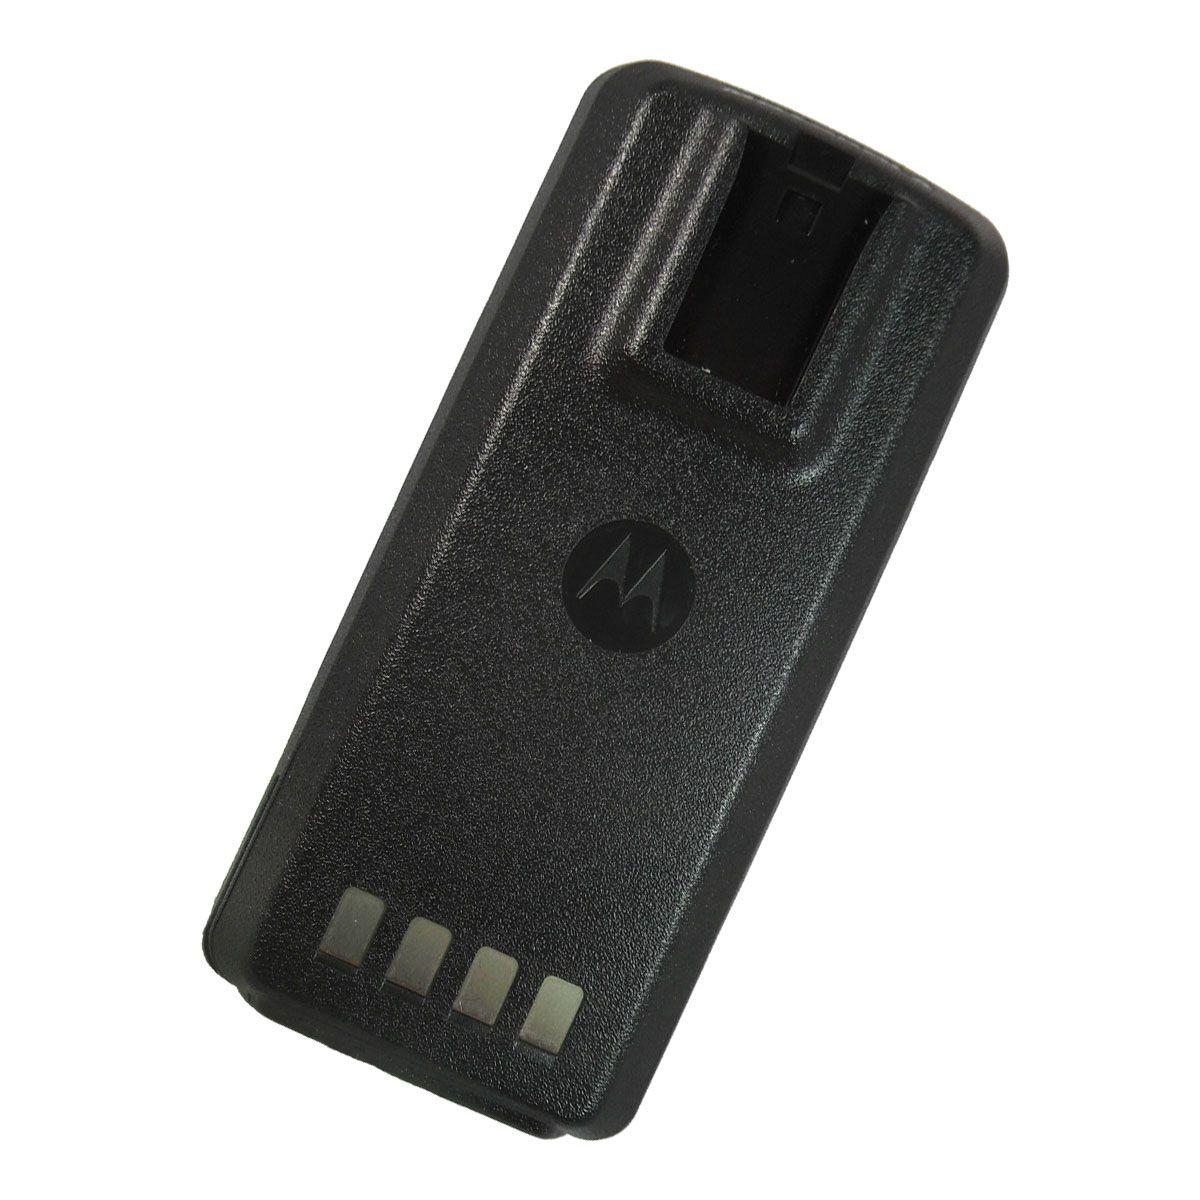 Batería Li-Ion 1750mAh Motorola de Alta Capacidad PMNN4476